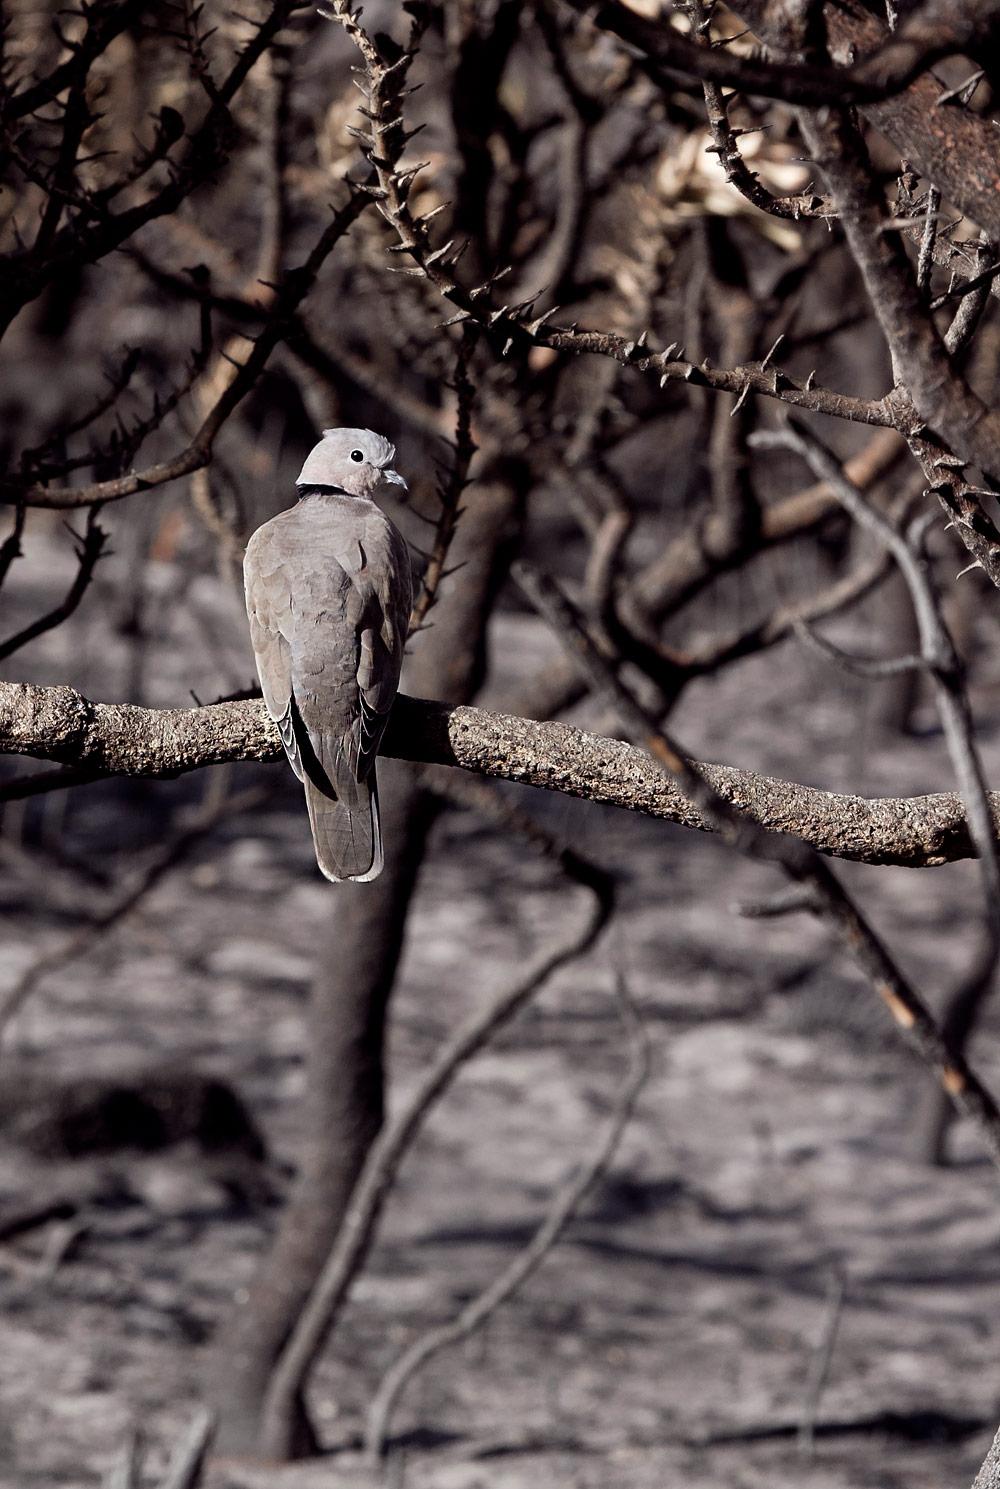 Cape-Turtle-Dove christian boix